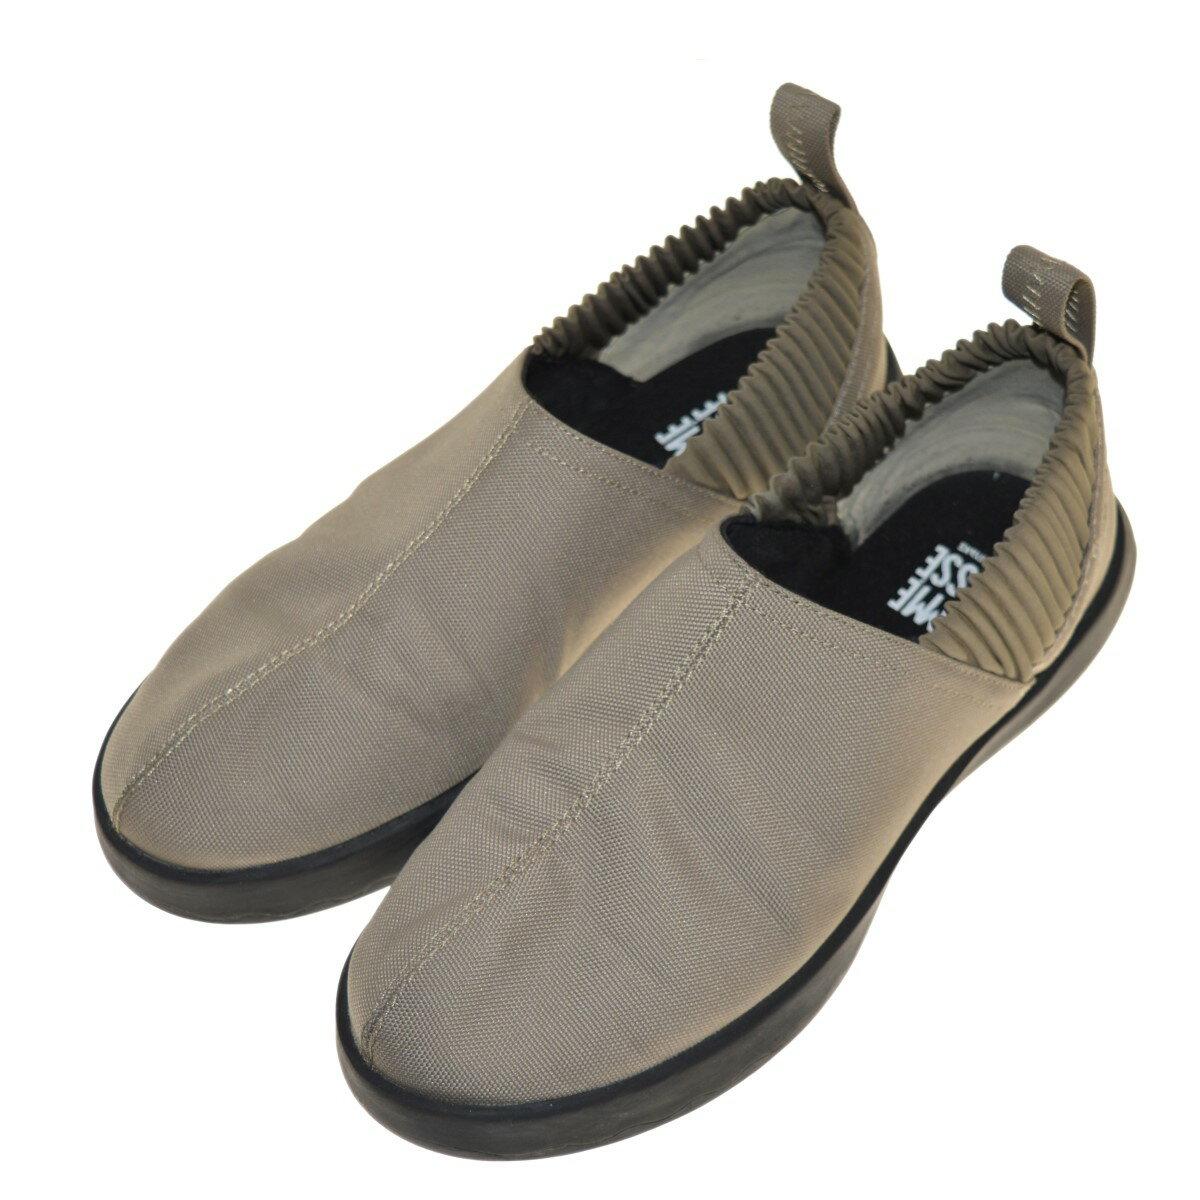 メンズ靴, その他 HOMME PLISSE ISSEY MIYAKE 20SS CANVAS SLIPON 28cm 160320